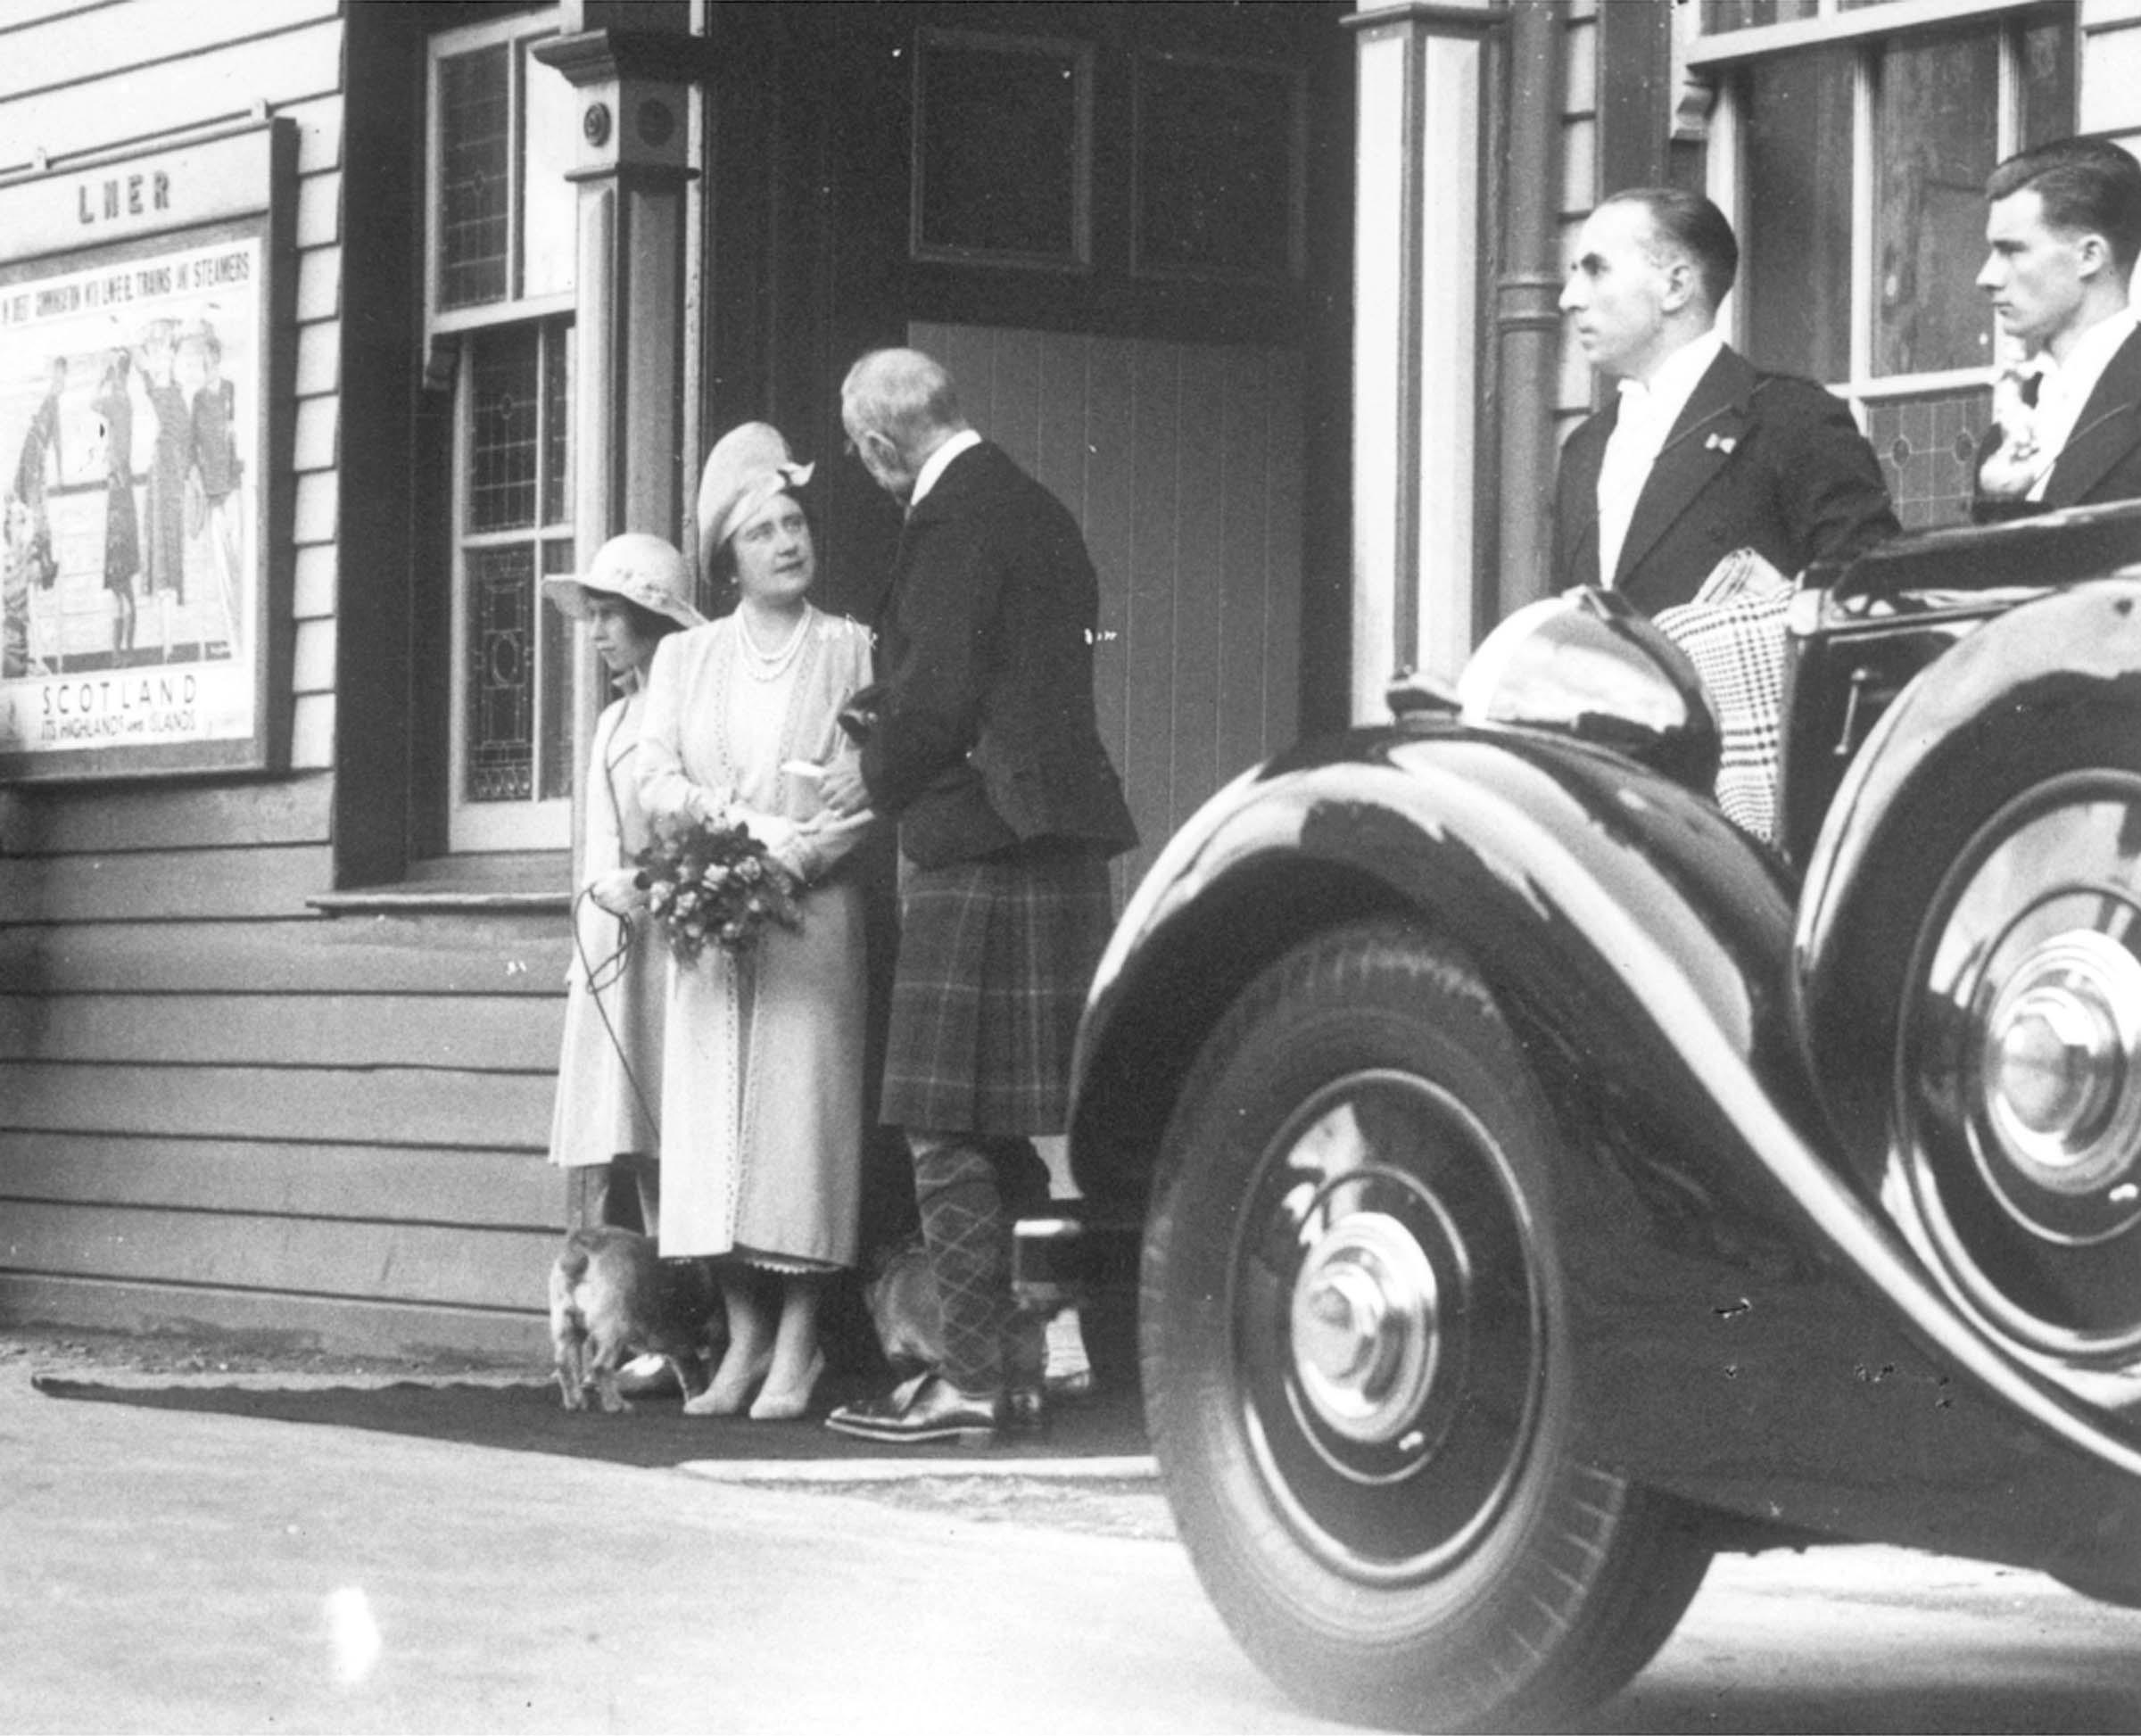 Princess Elizabeth arrives at Ballater station in 1939.